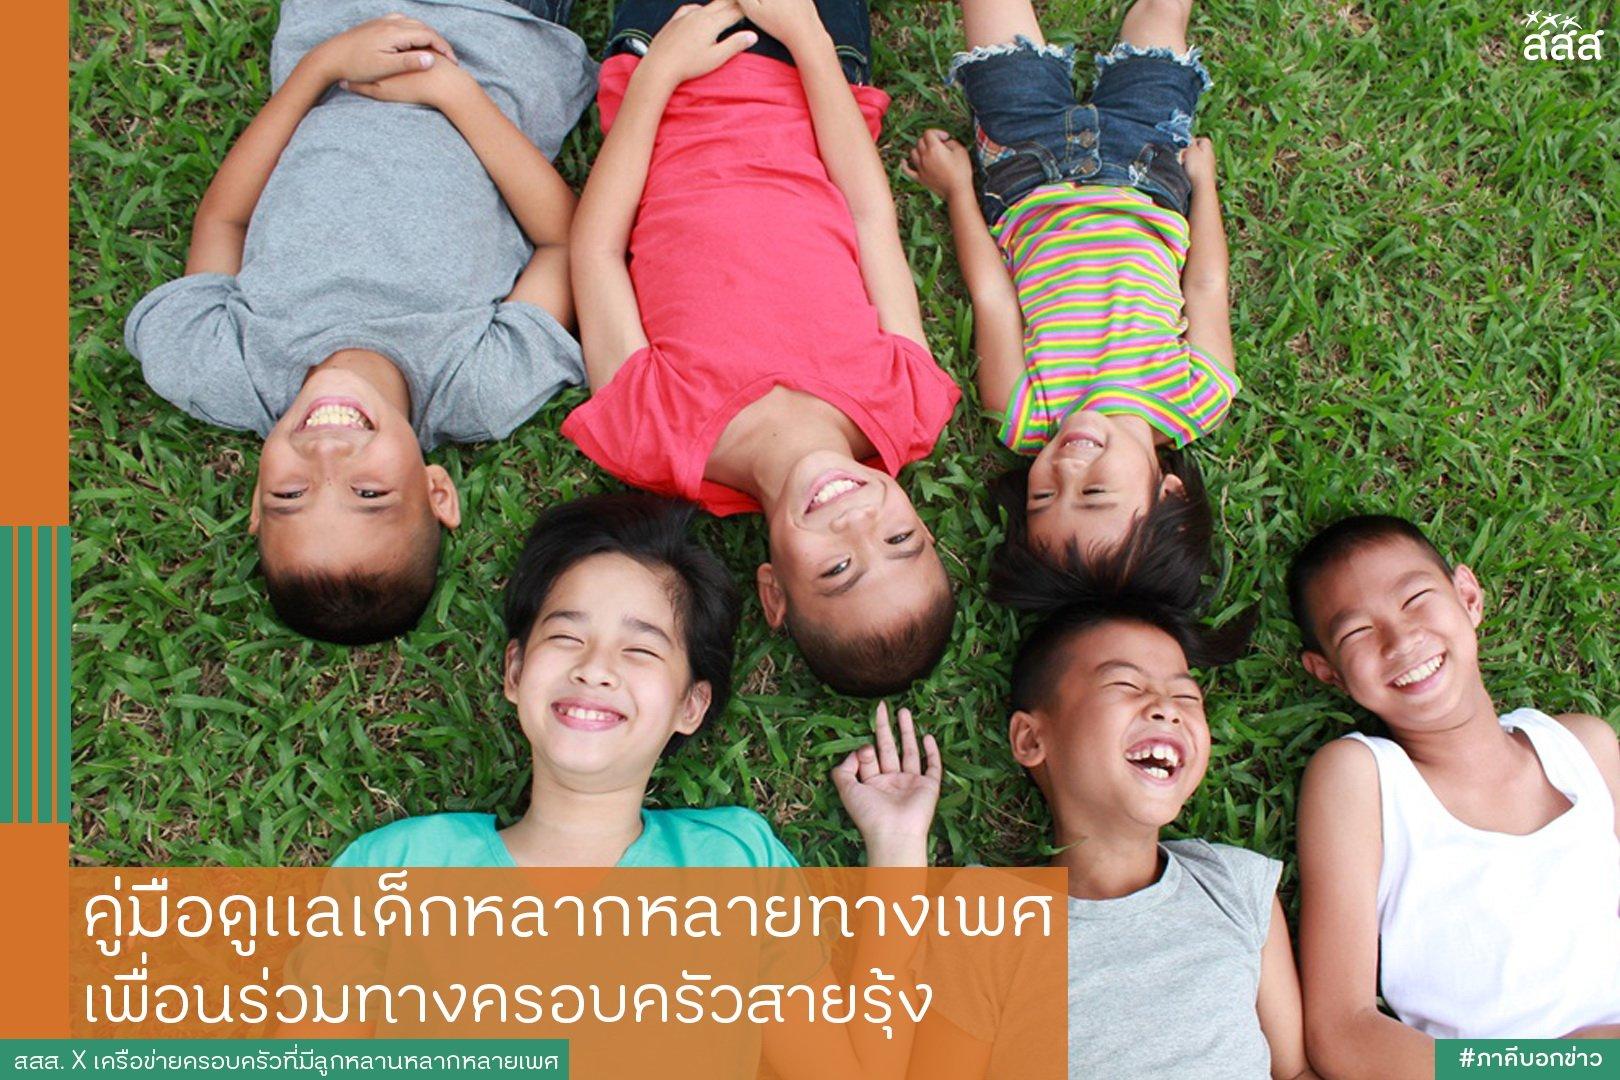 คู่มือดูแลเด็กหลากหลายทางเพศ เพื่อนร่วมทางครอบครัวสายรุ้ง thaihealth